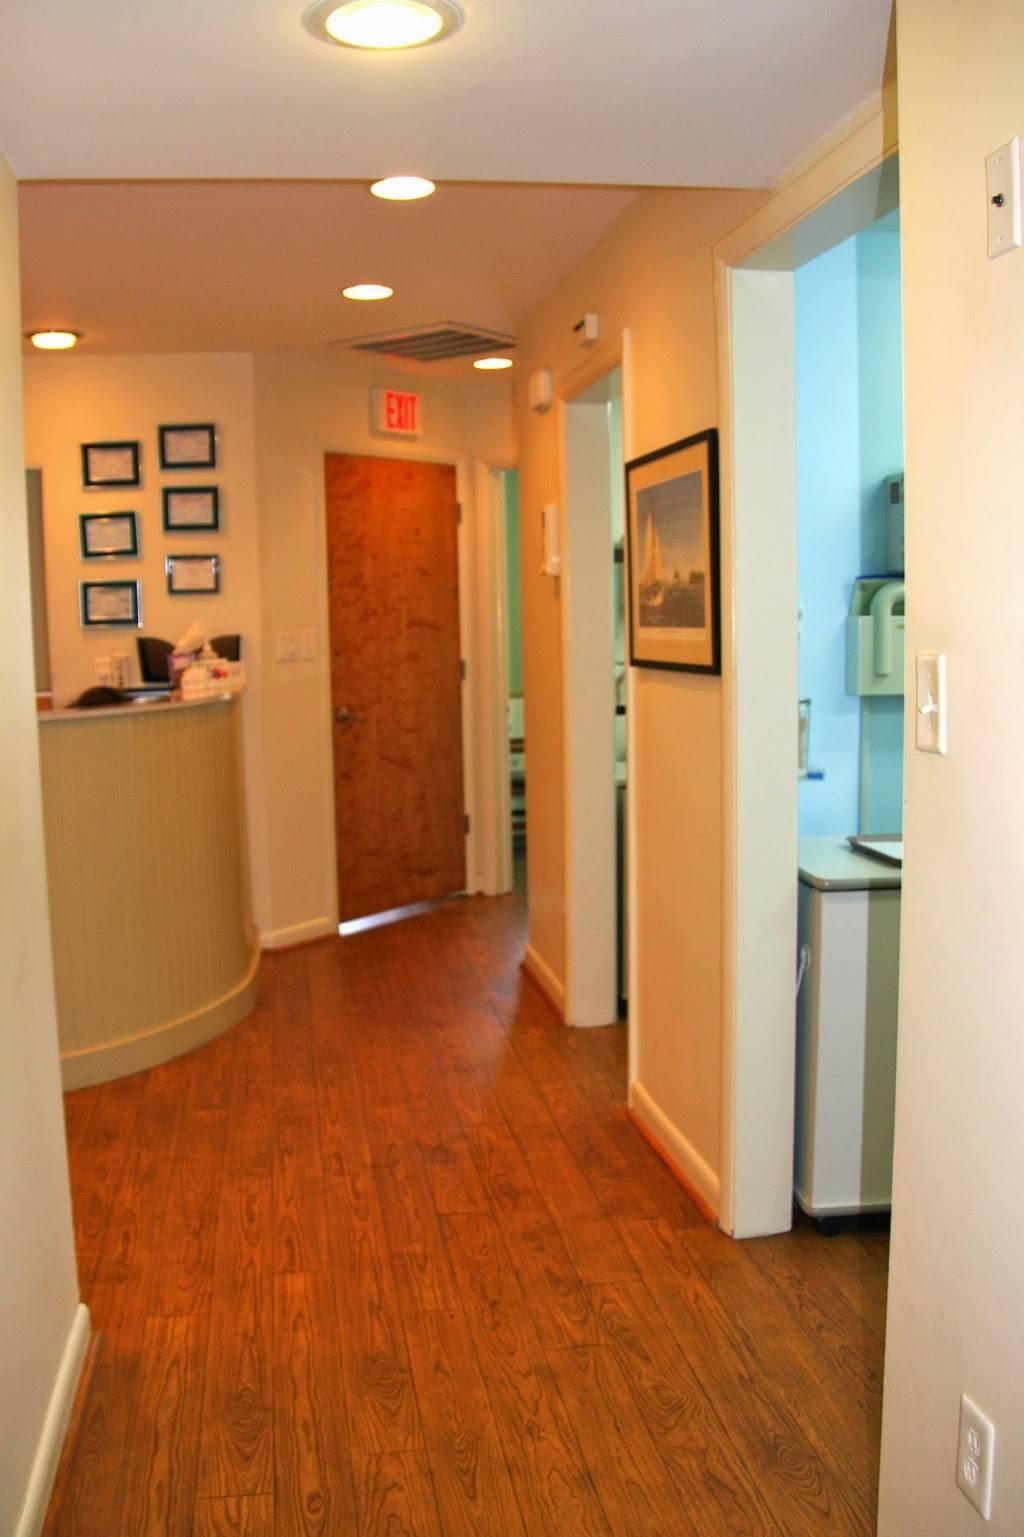 Dr. Tuggle Family Dentist Group - dentist  | Photo 1 of 8 | Address: 5715 Sellger Dr, Norfolk, VA 23502, USA | Phone: (757) 466-1700